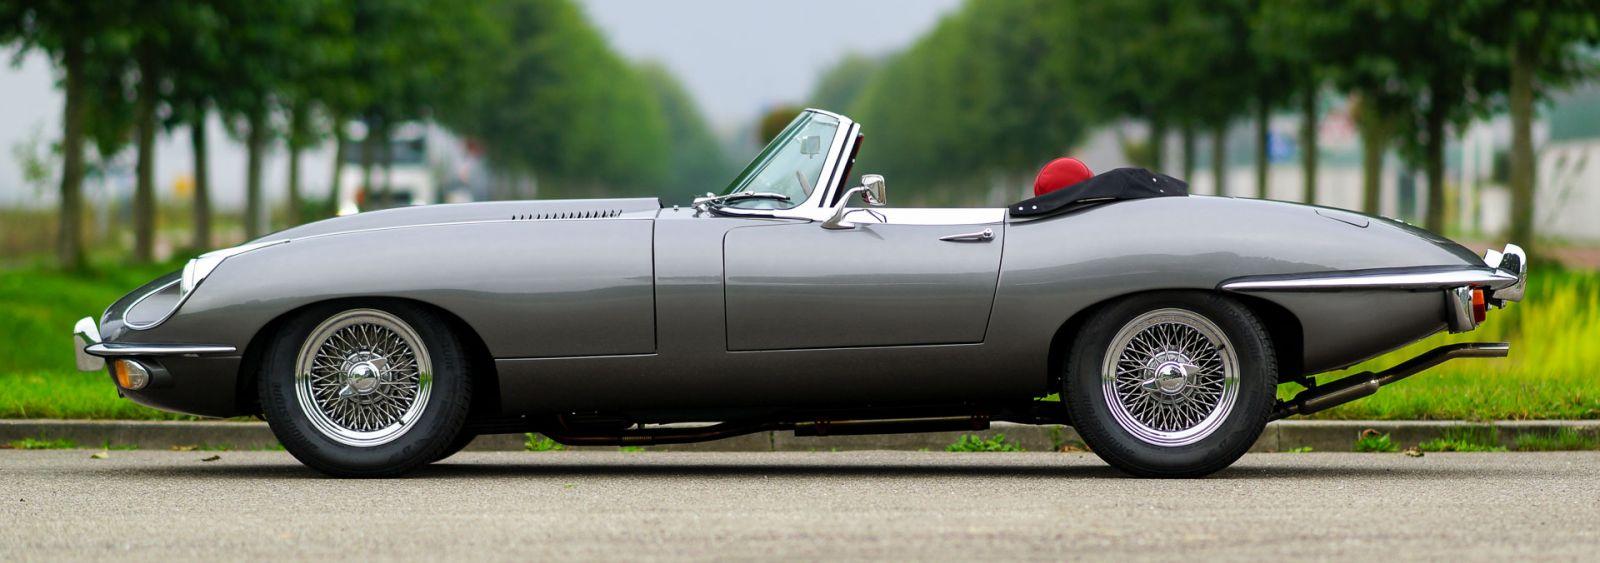 Jaguar E-type 4.2 Litre OTS, 1969 - Classicargarage - FR